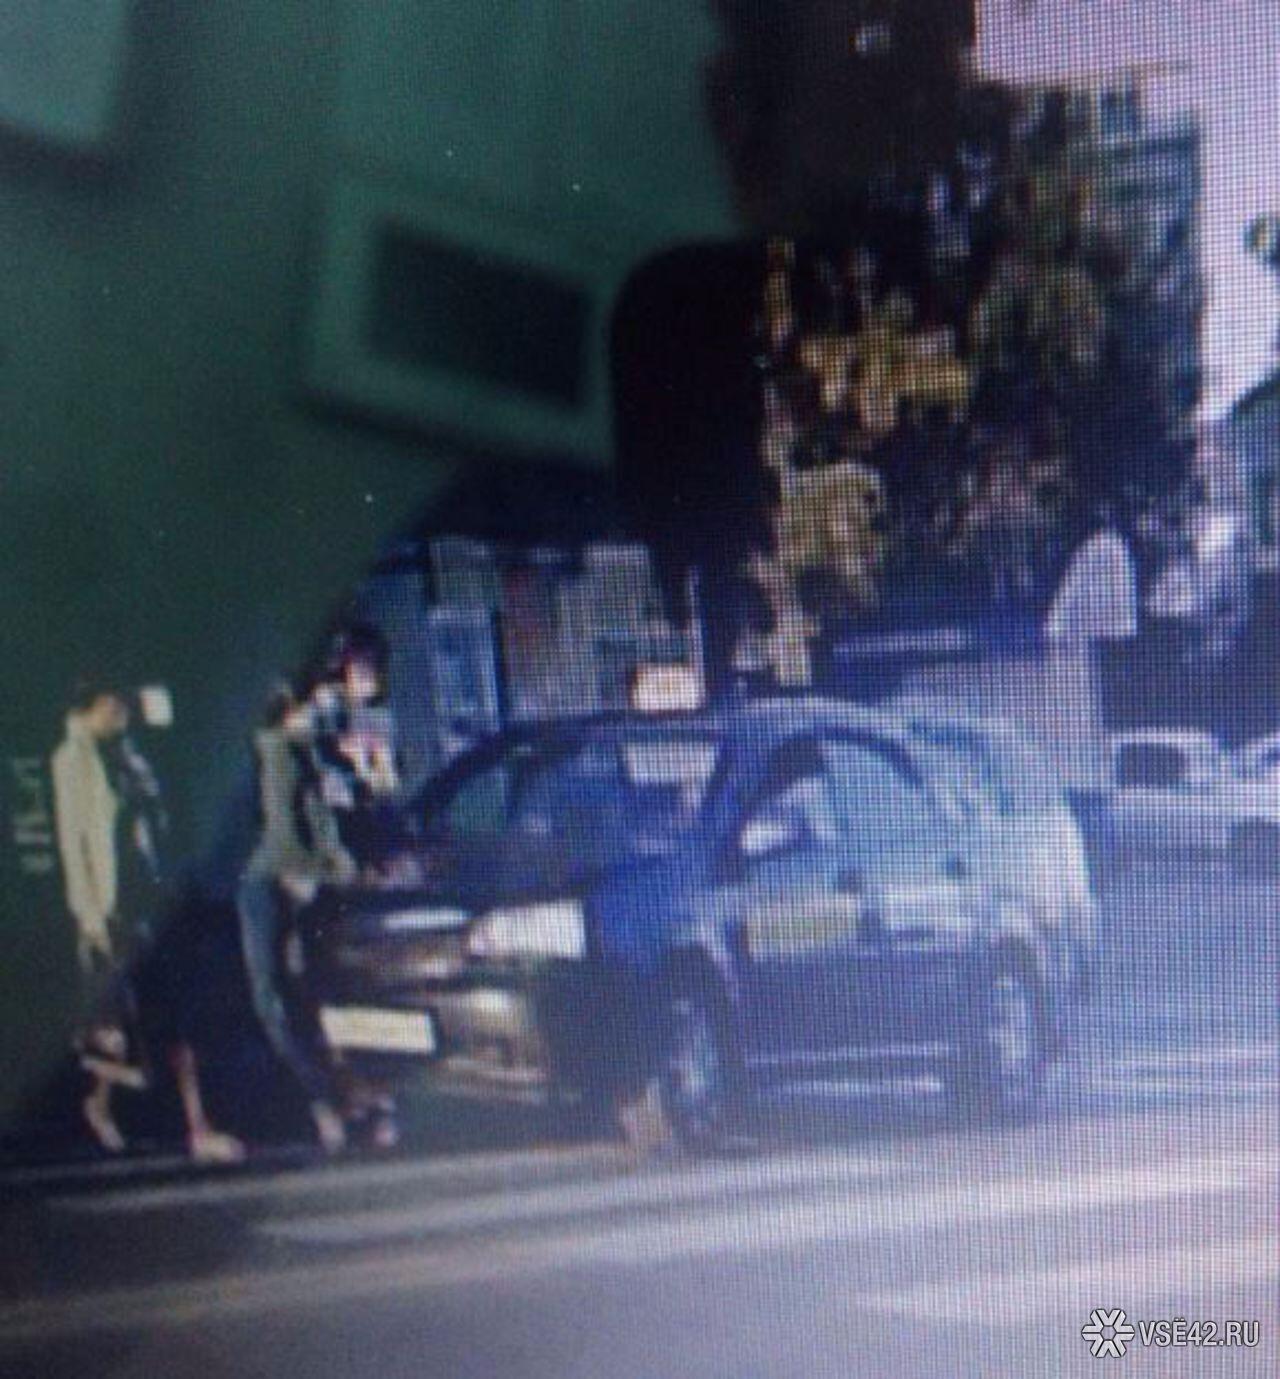 ДТП вКемерове: таксист сбил напешеходном переходе 2-х женщин